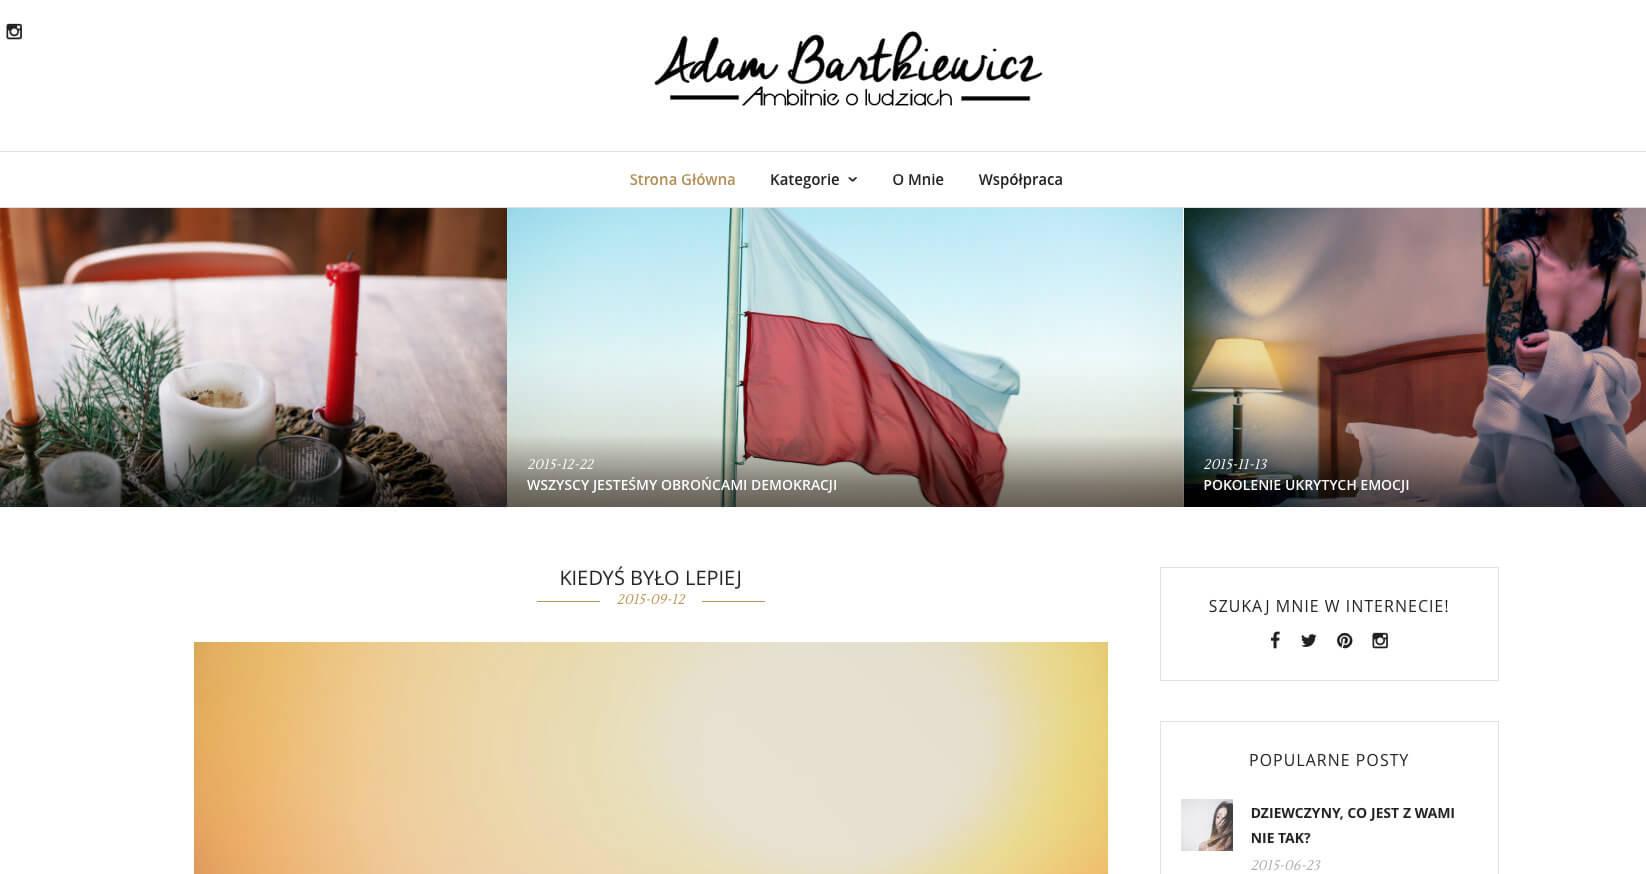 Adam Bartkiewicz - Ambitnie o ludziach 2016-01-18 13-35-33